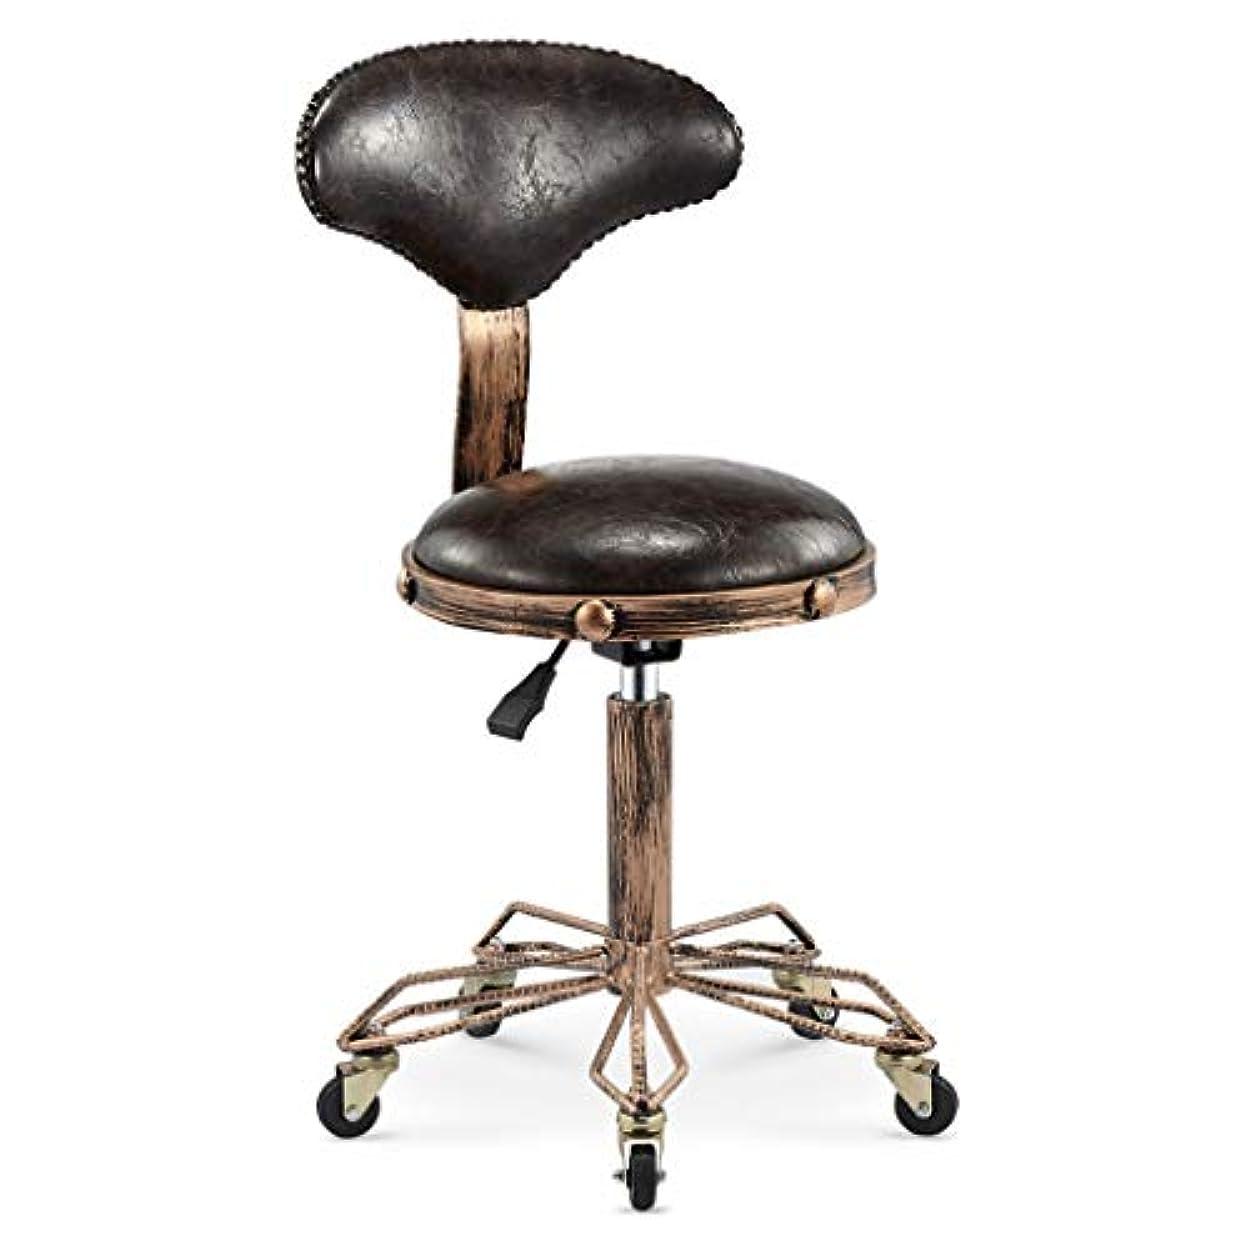 生き残ります揺れるプログラム回転椅子-美容スツール理髪店の椅子ヘアサロンロータリーリフトスツールメイクヘアサロンプーリーチェア散髪 (Color : Crack brown)